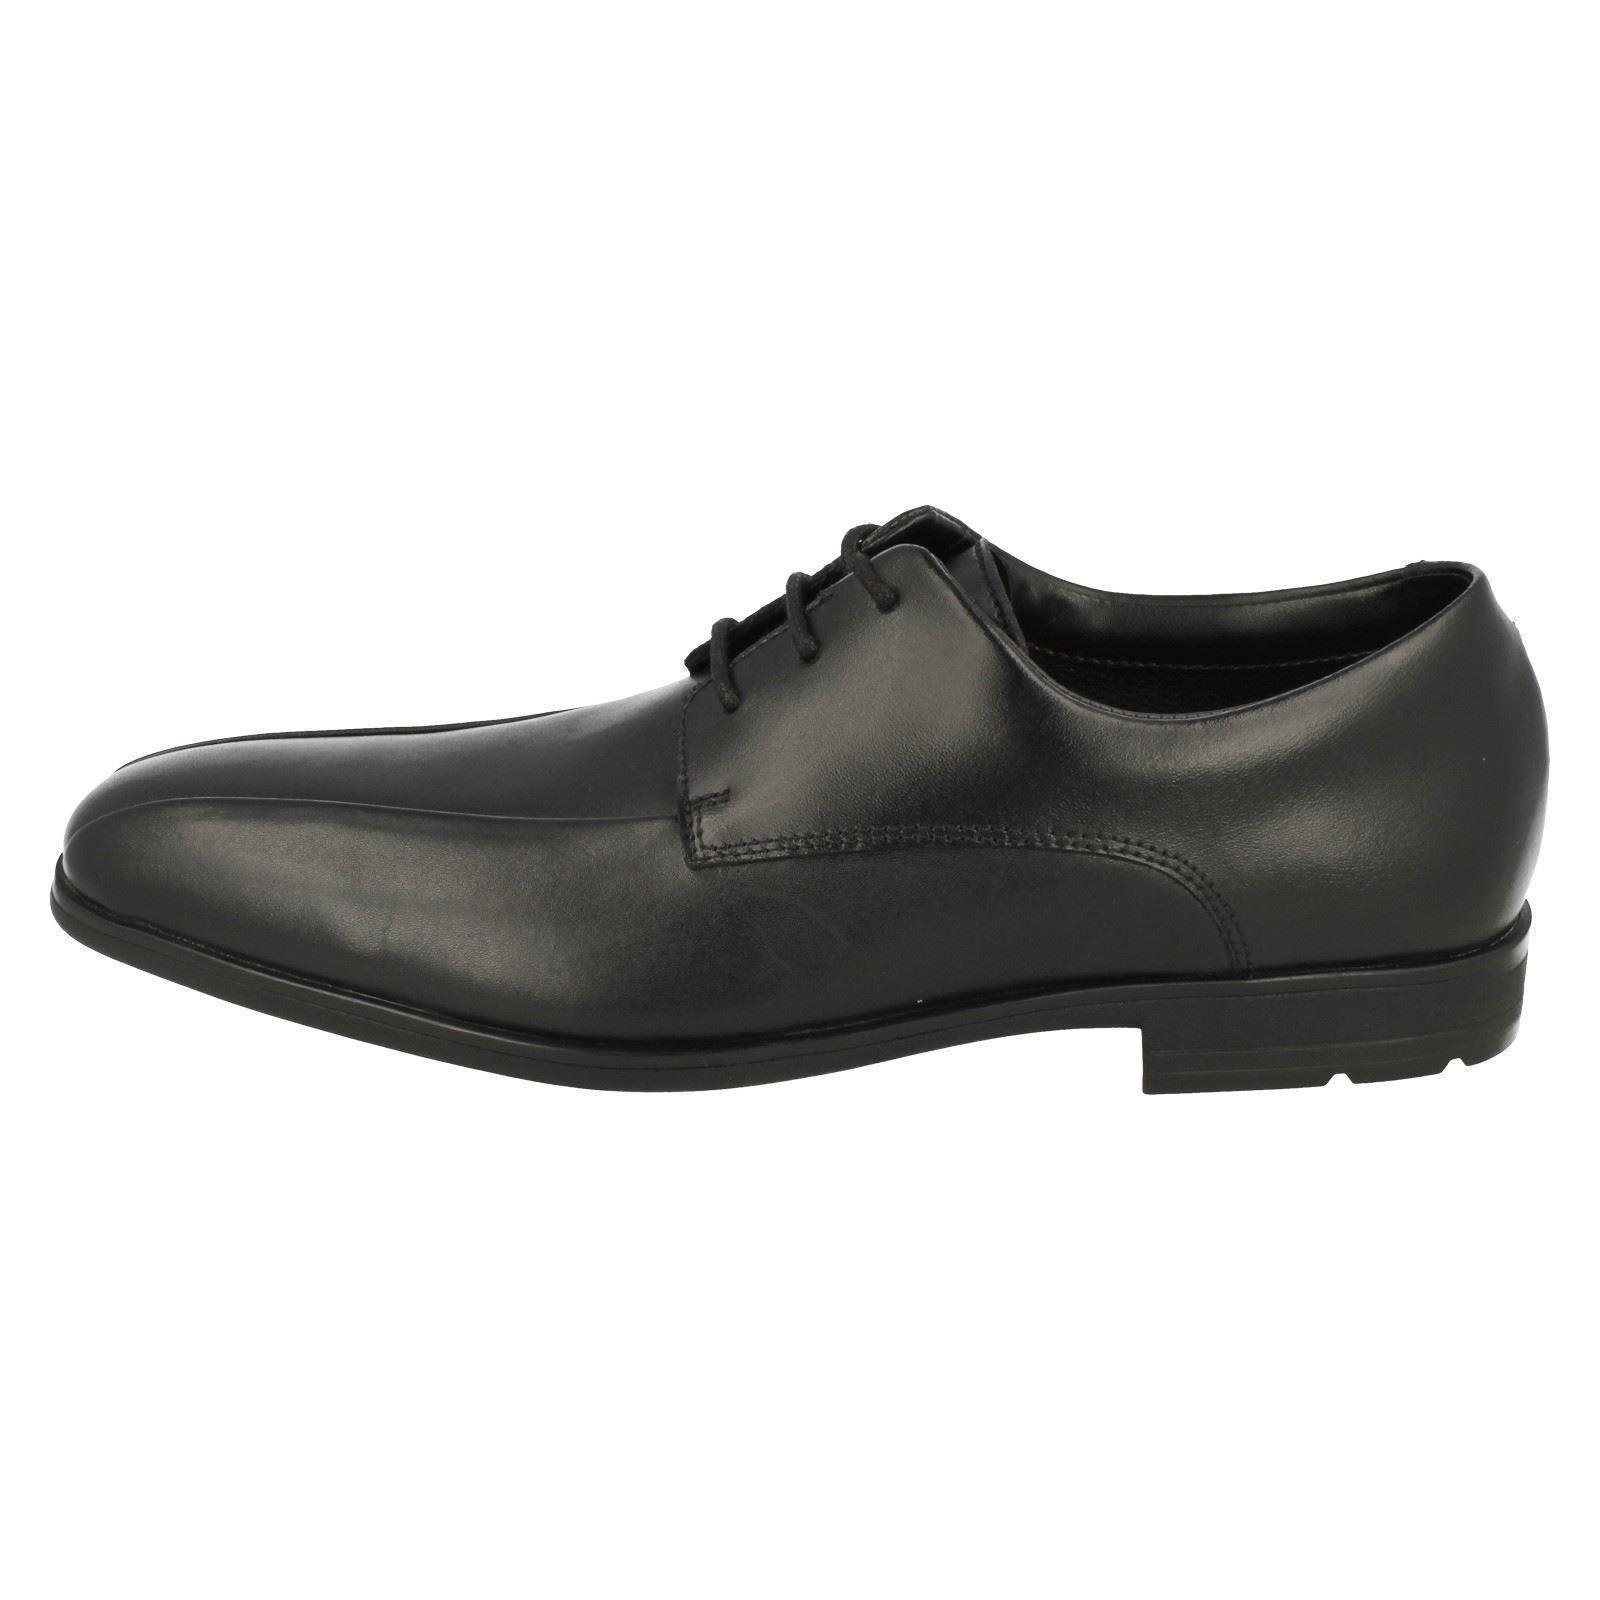 Clarks Willis escolares niños para Zapatillas Black Lad agTwF1